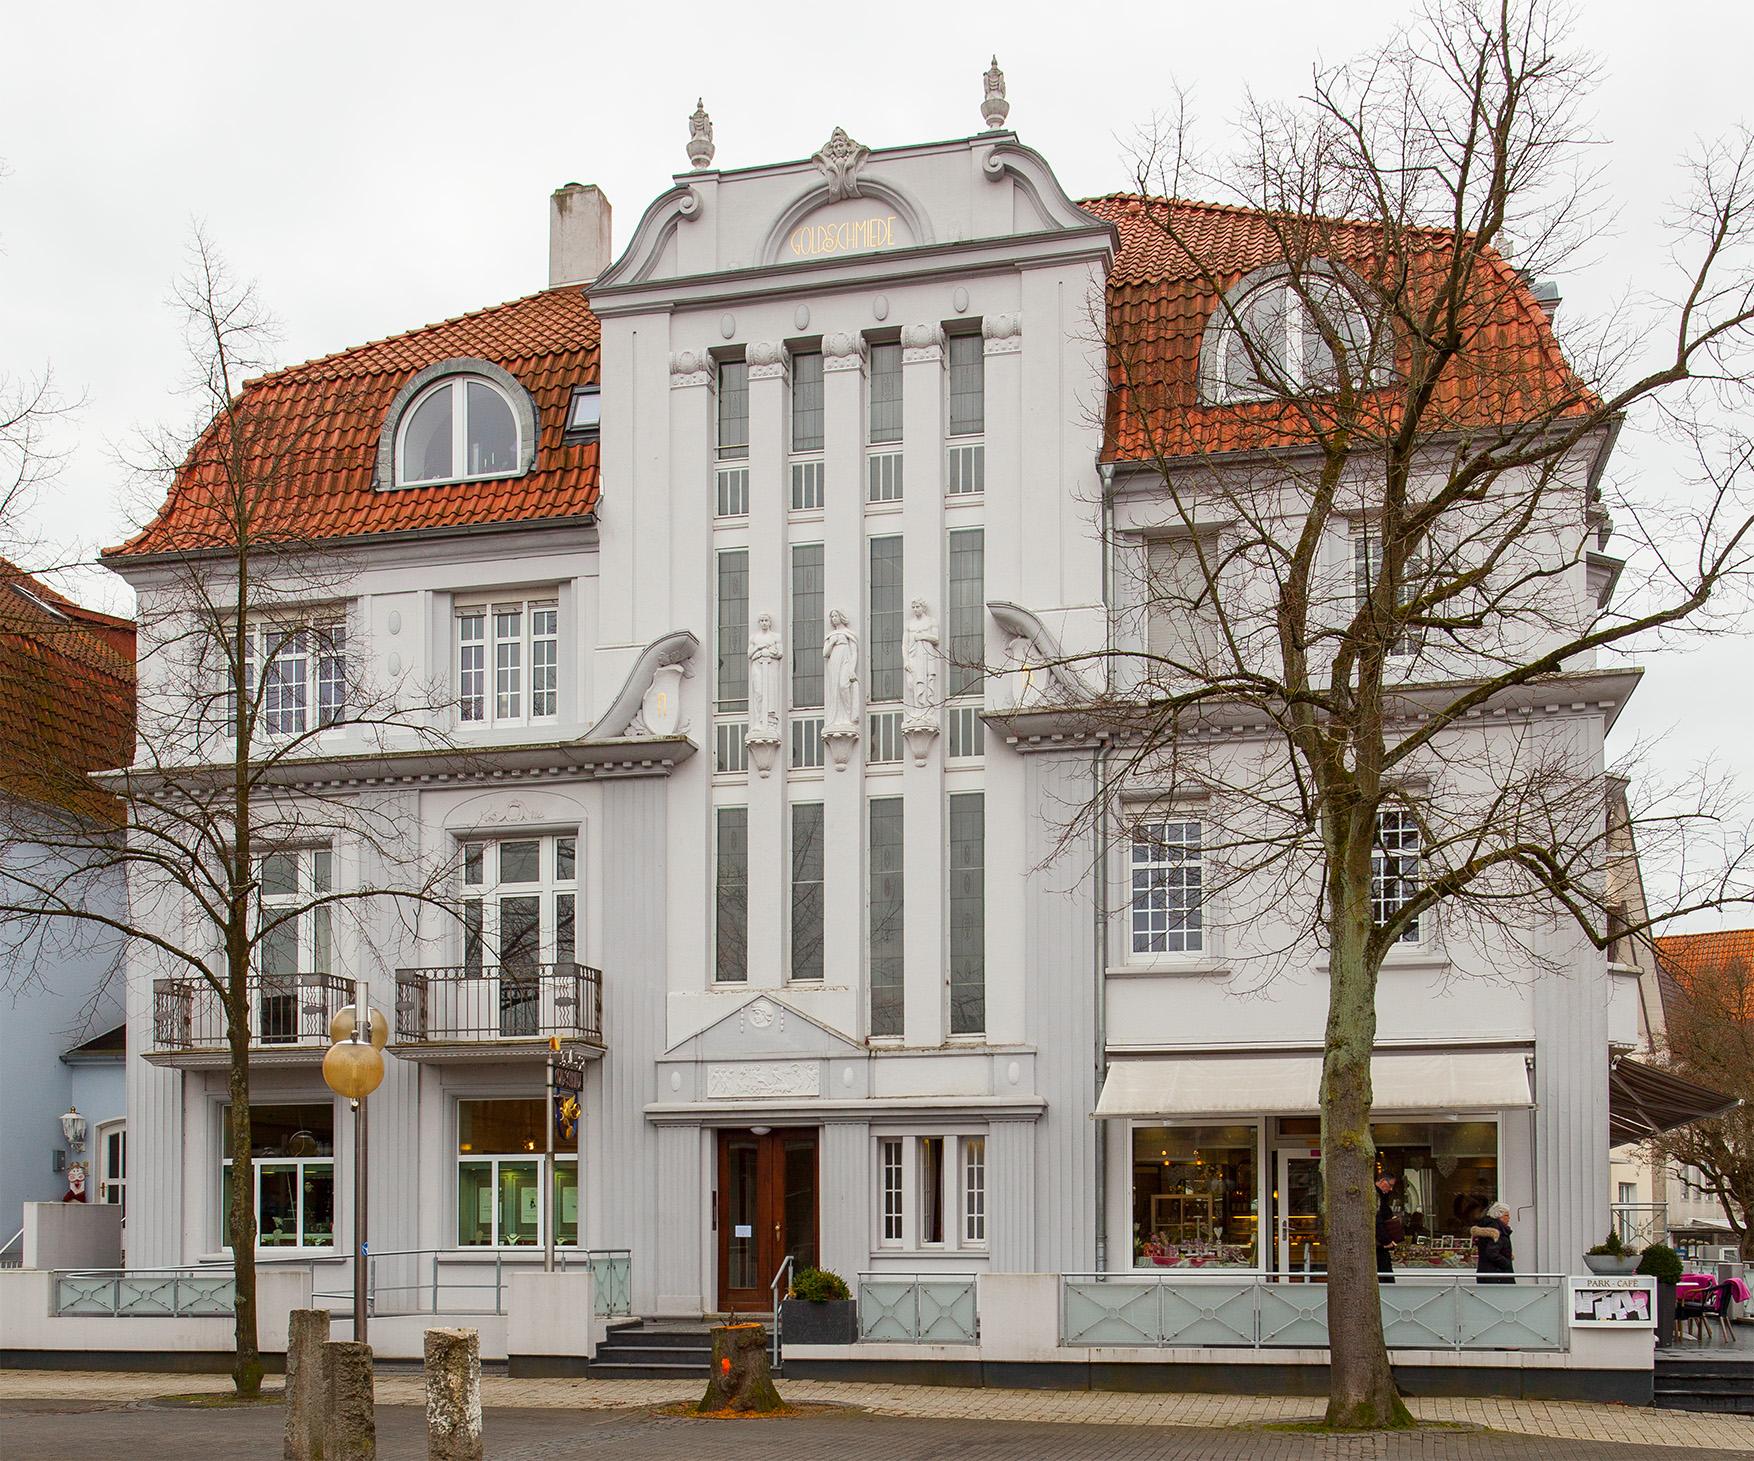 File:BS Parkstraße-16 147 jpg - Wikimedia Commons